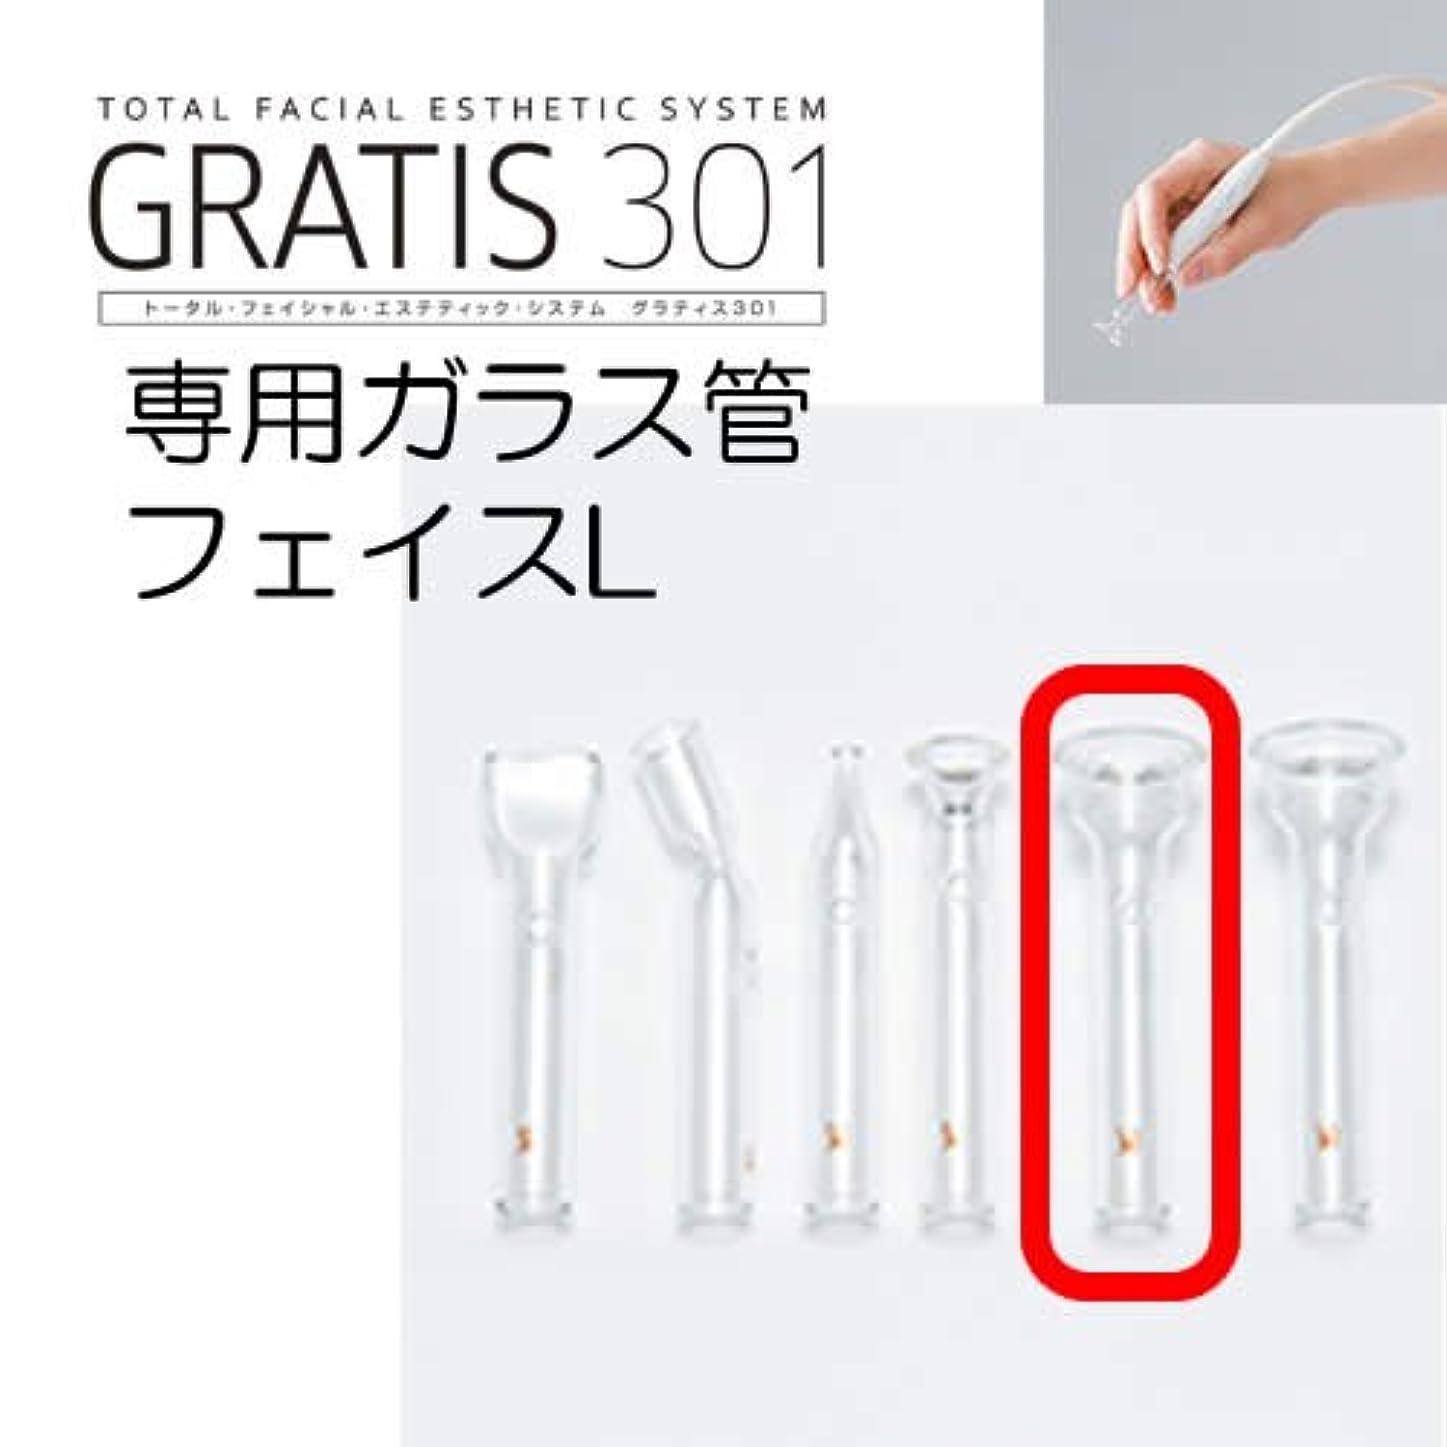 GRATIS 301(グラティス301)専用ガラス管 フェイスL(2本セット)